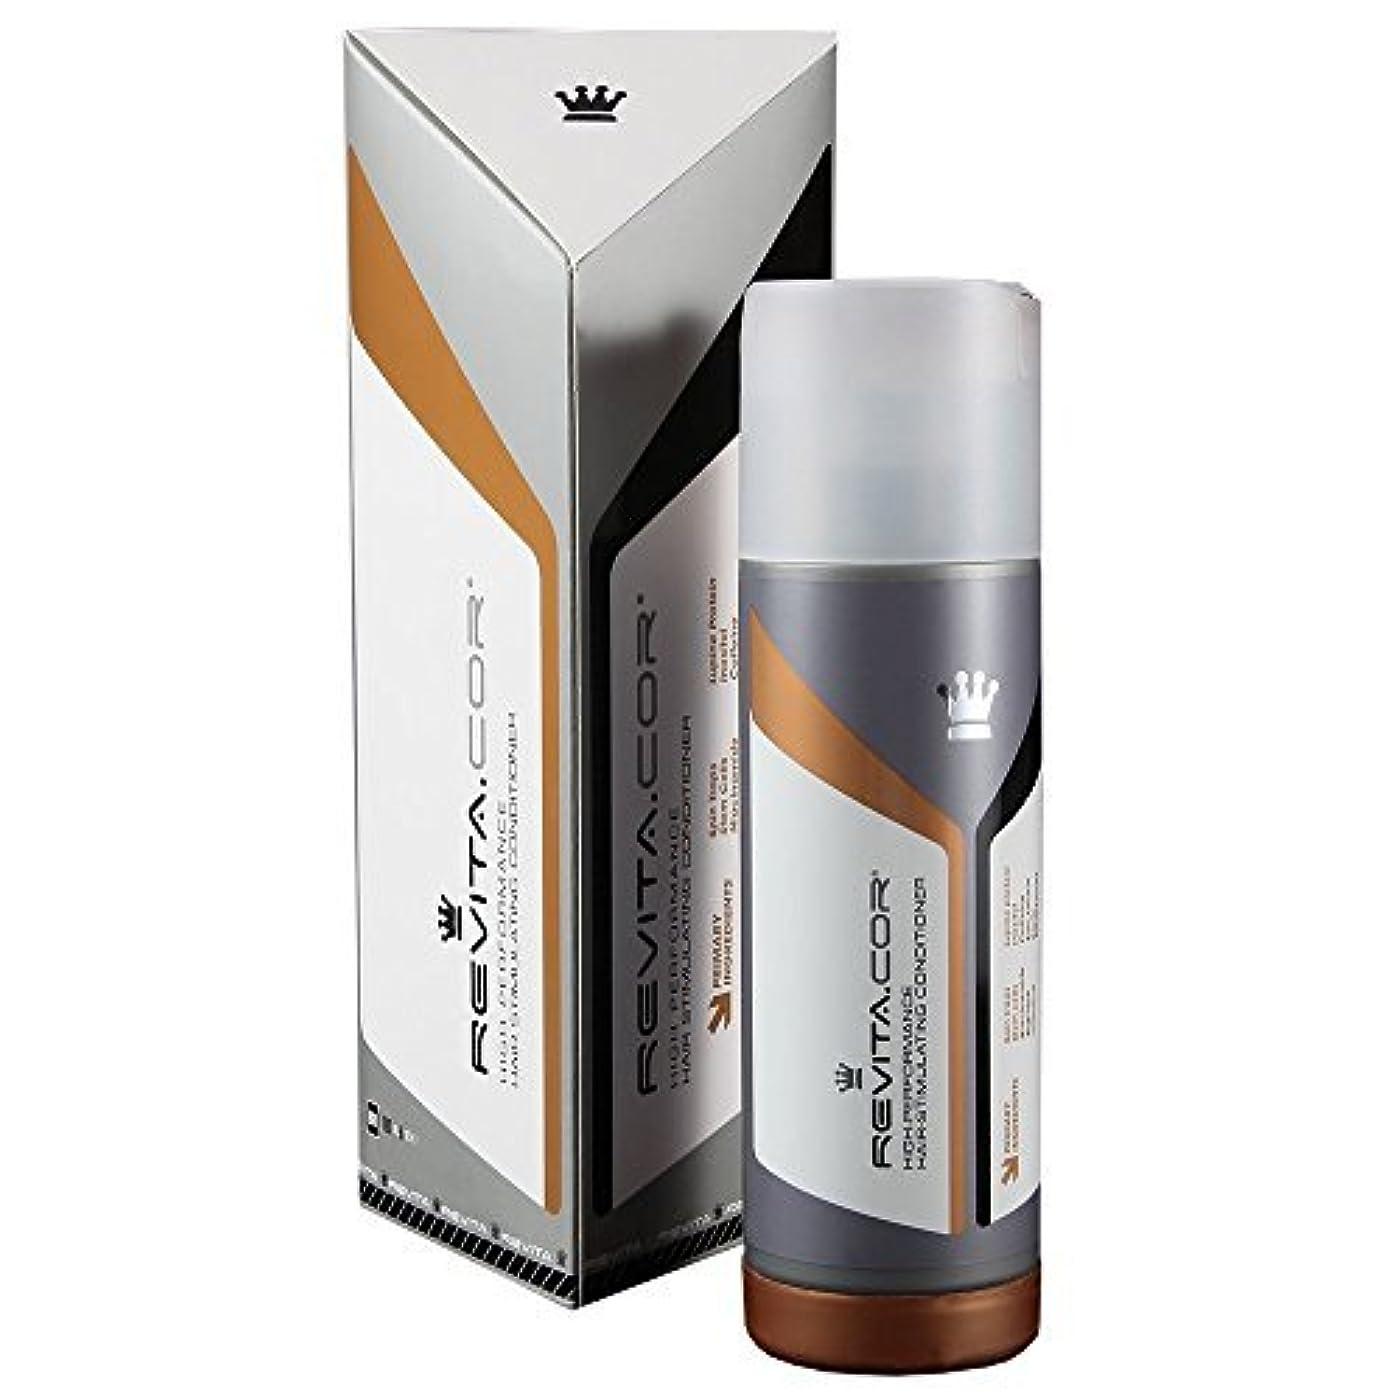 つかの間文房具日DS Laboratories Revita COR High Performance Hair Growth Stimulating Conditioner 190ml/6.4oz [並行輸入品]